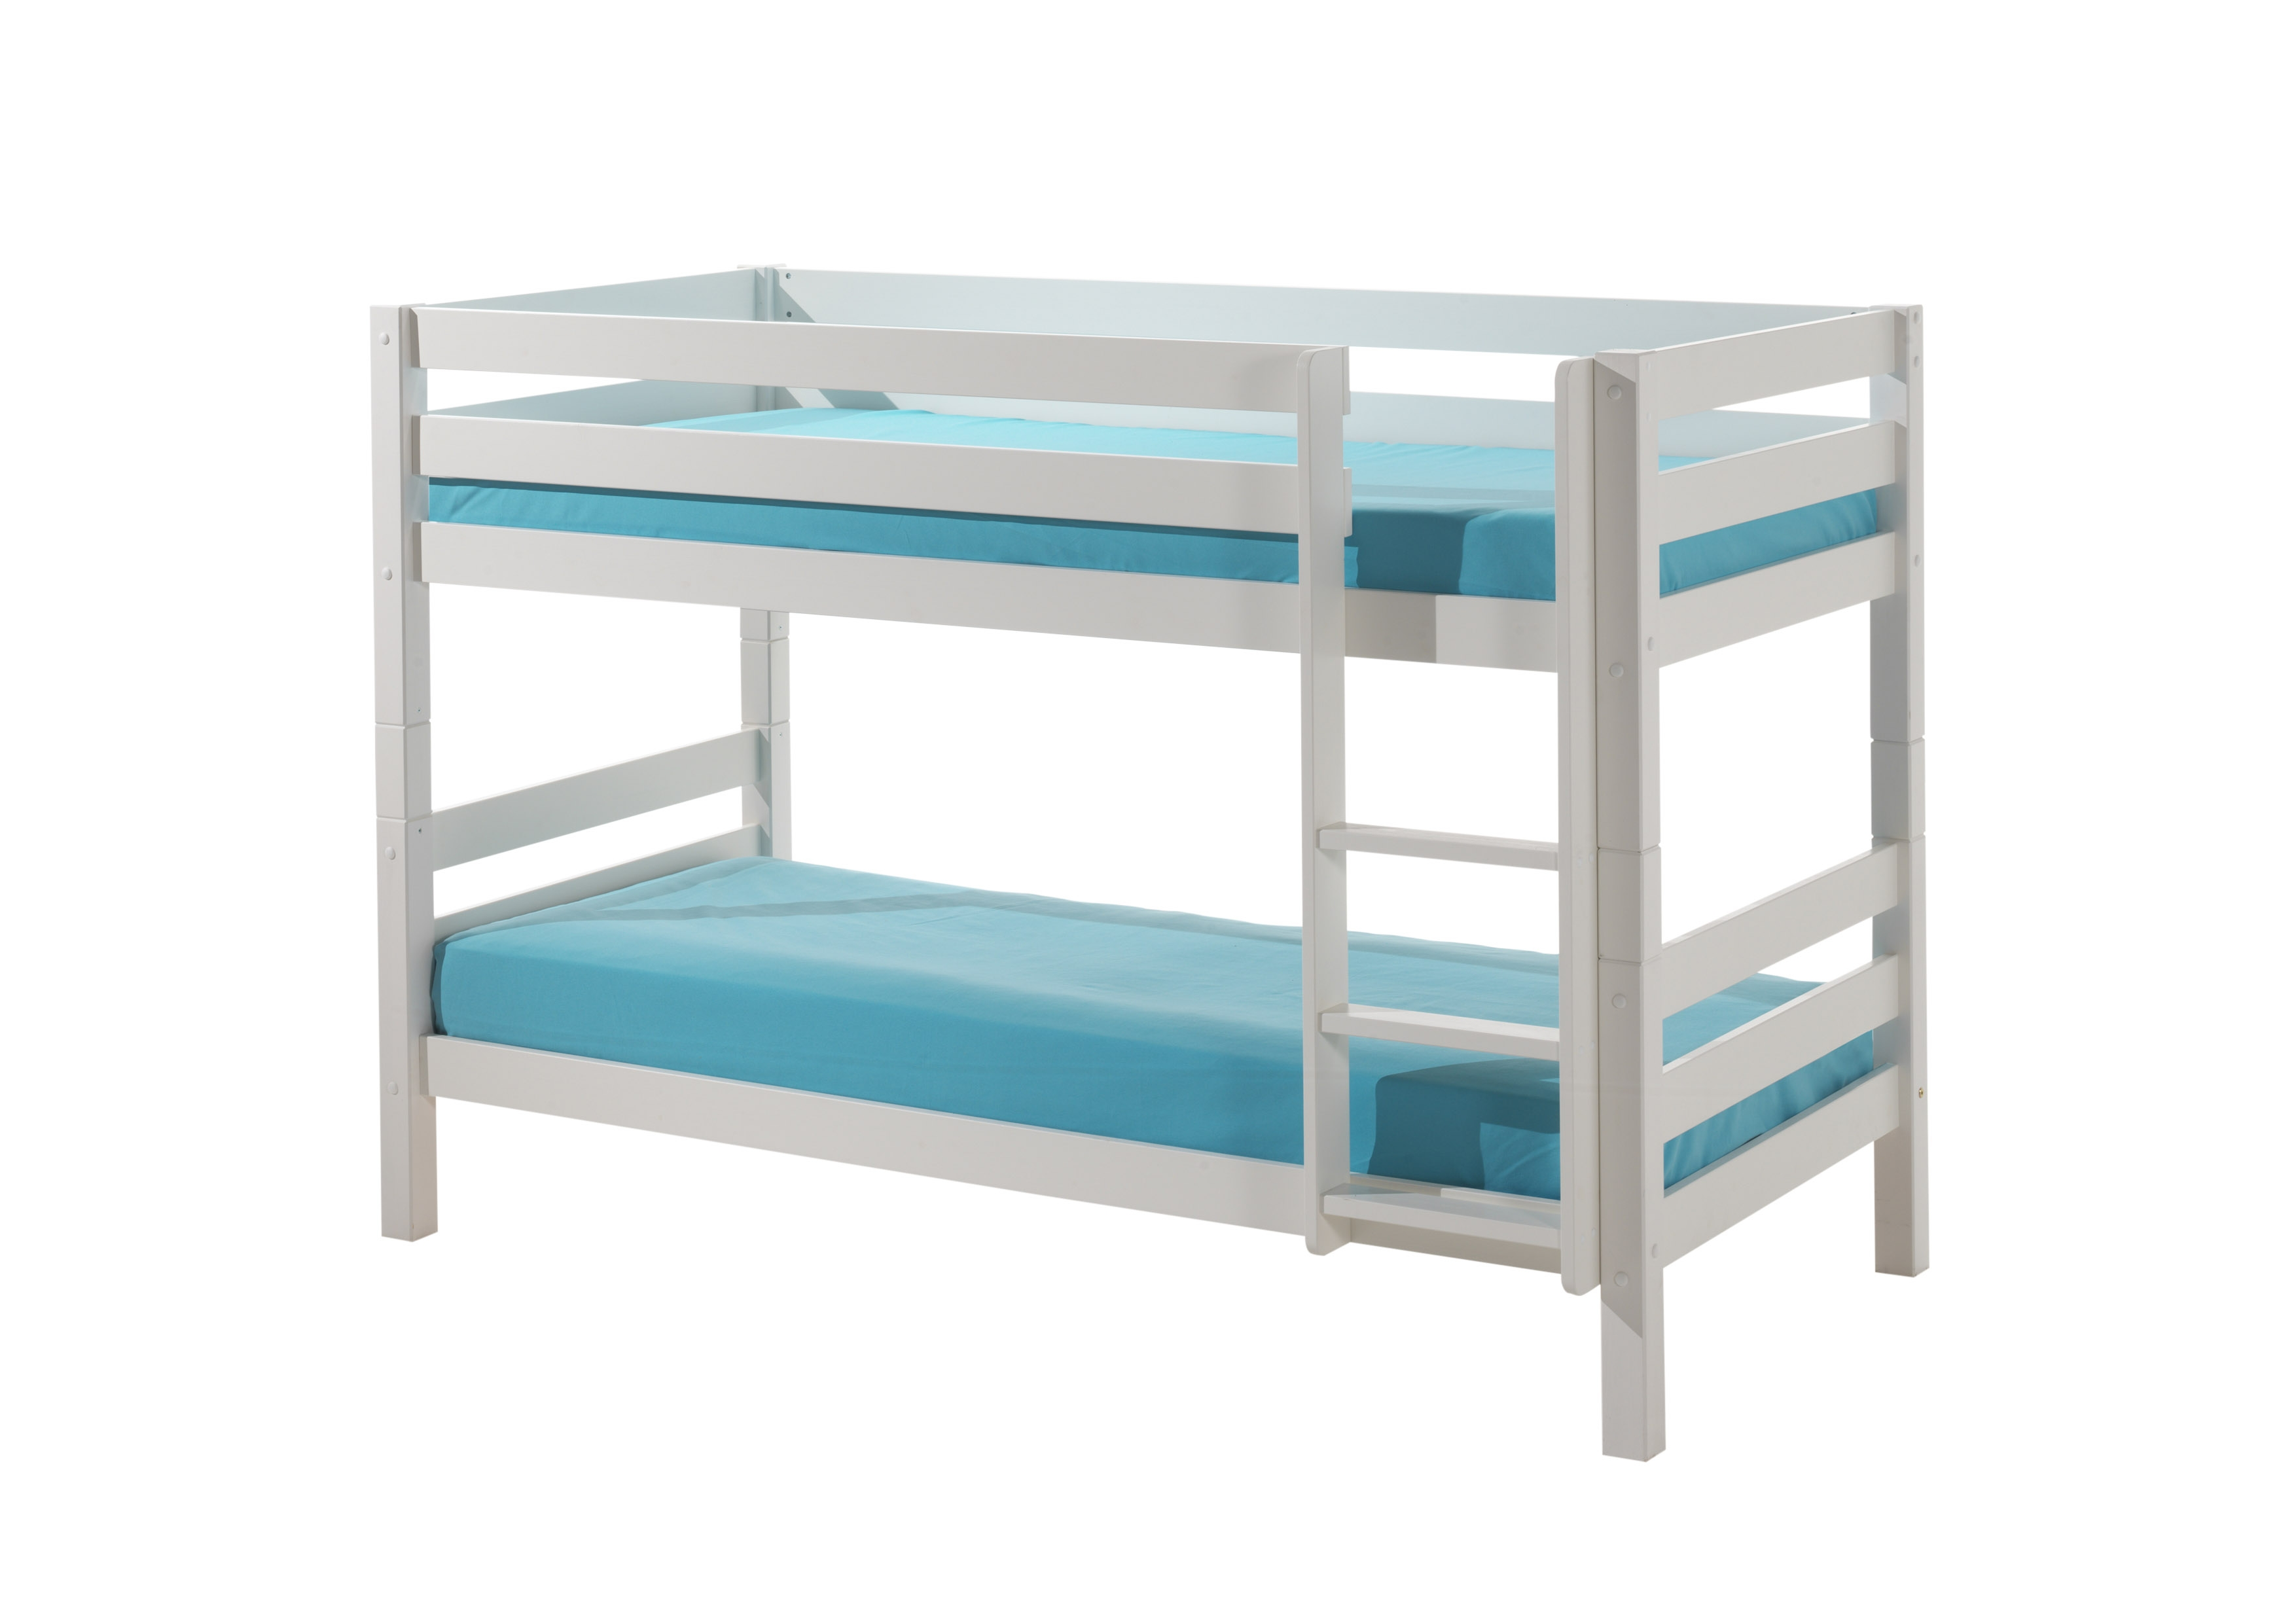 Pat etajat din lemn de pin pentru copii Pino Small Alb, 200 x 90 cm